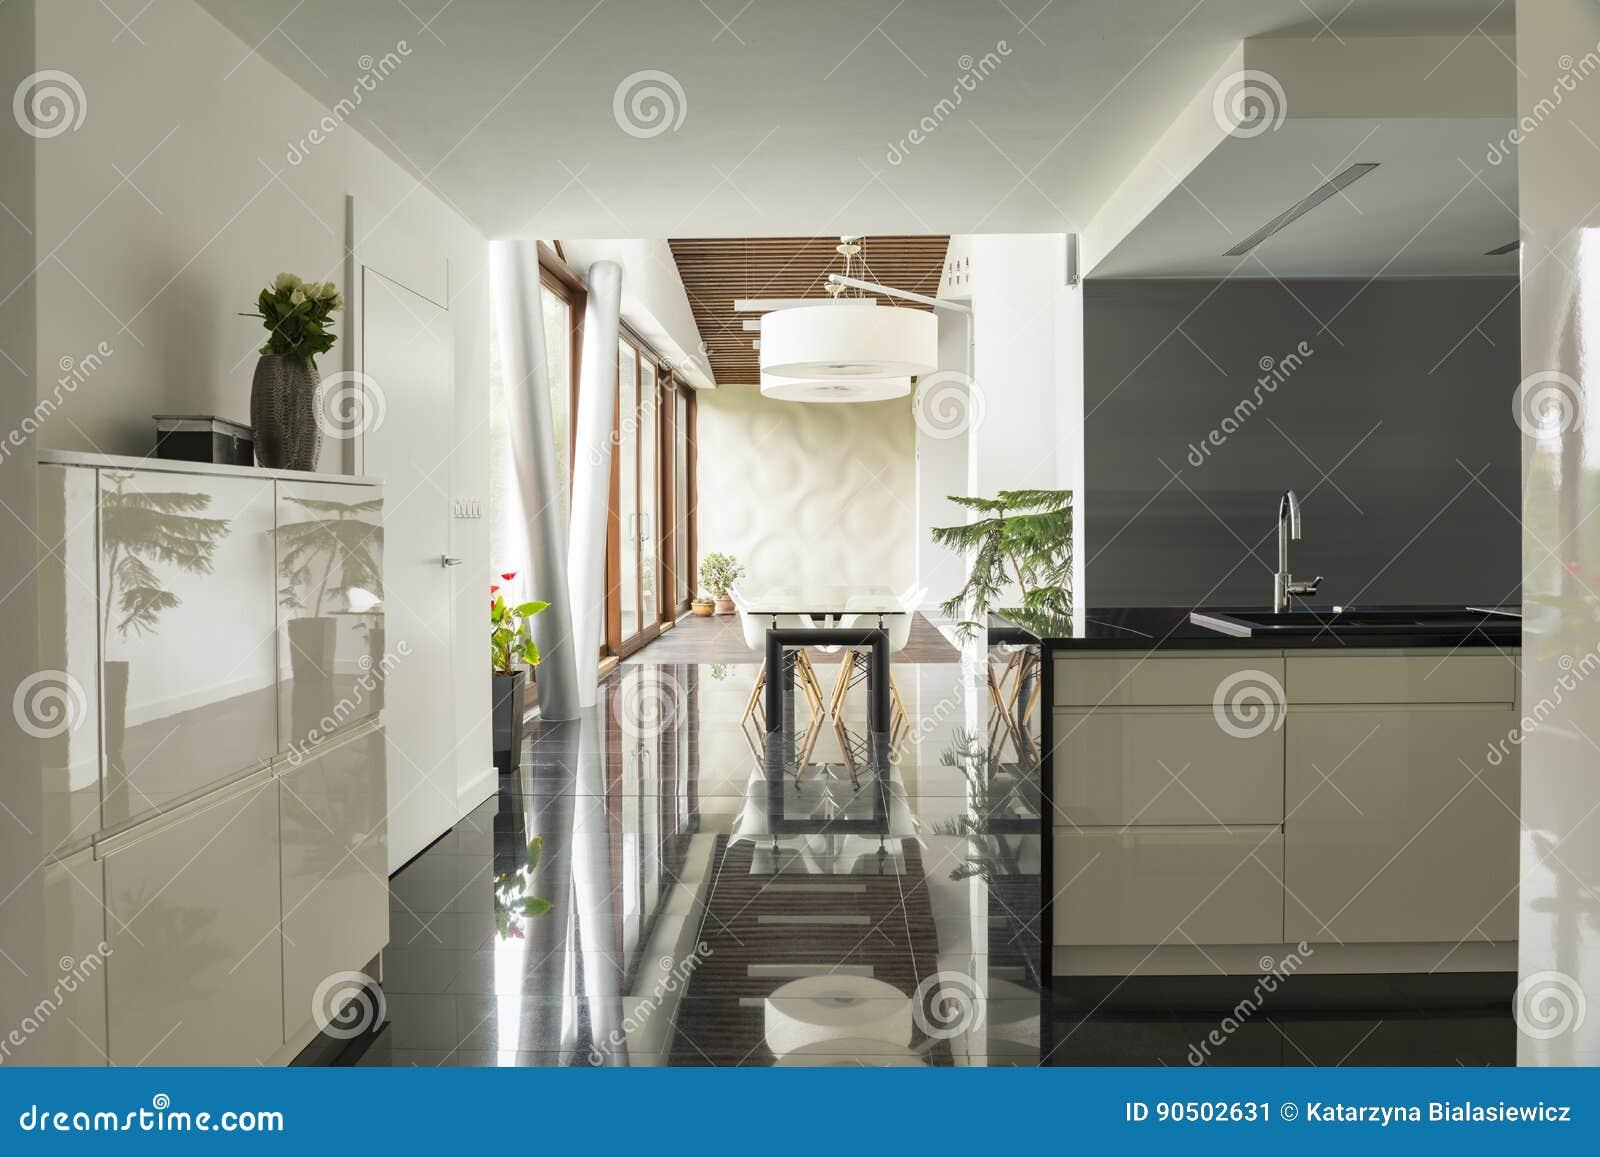 Cucina con la vista della sala da pranzo immagine stock for Cucina con sala da pranzo